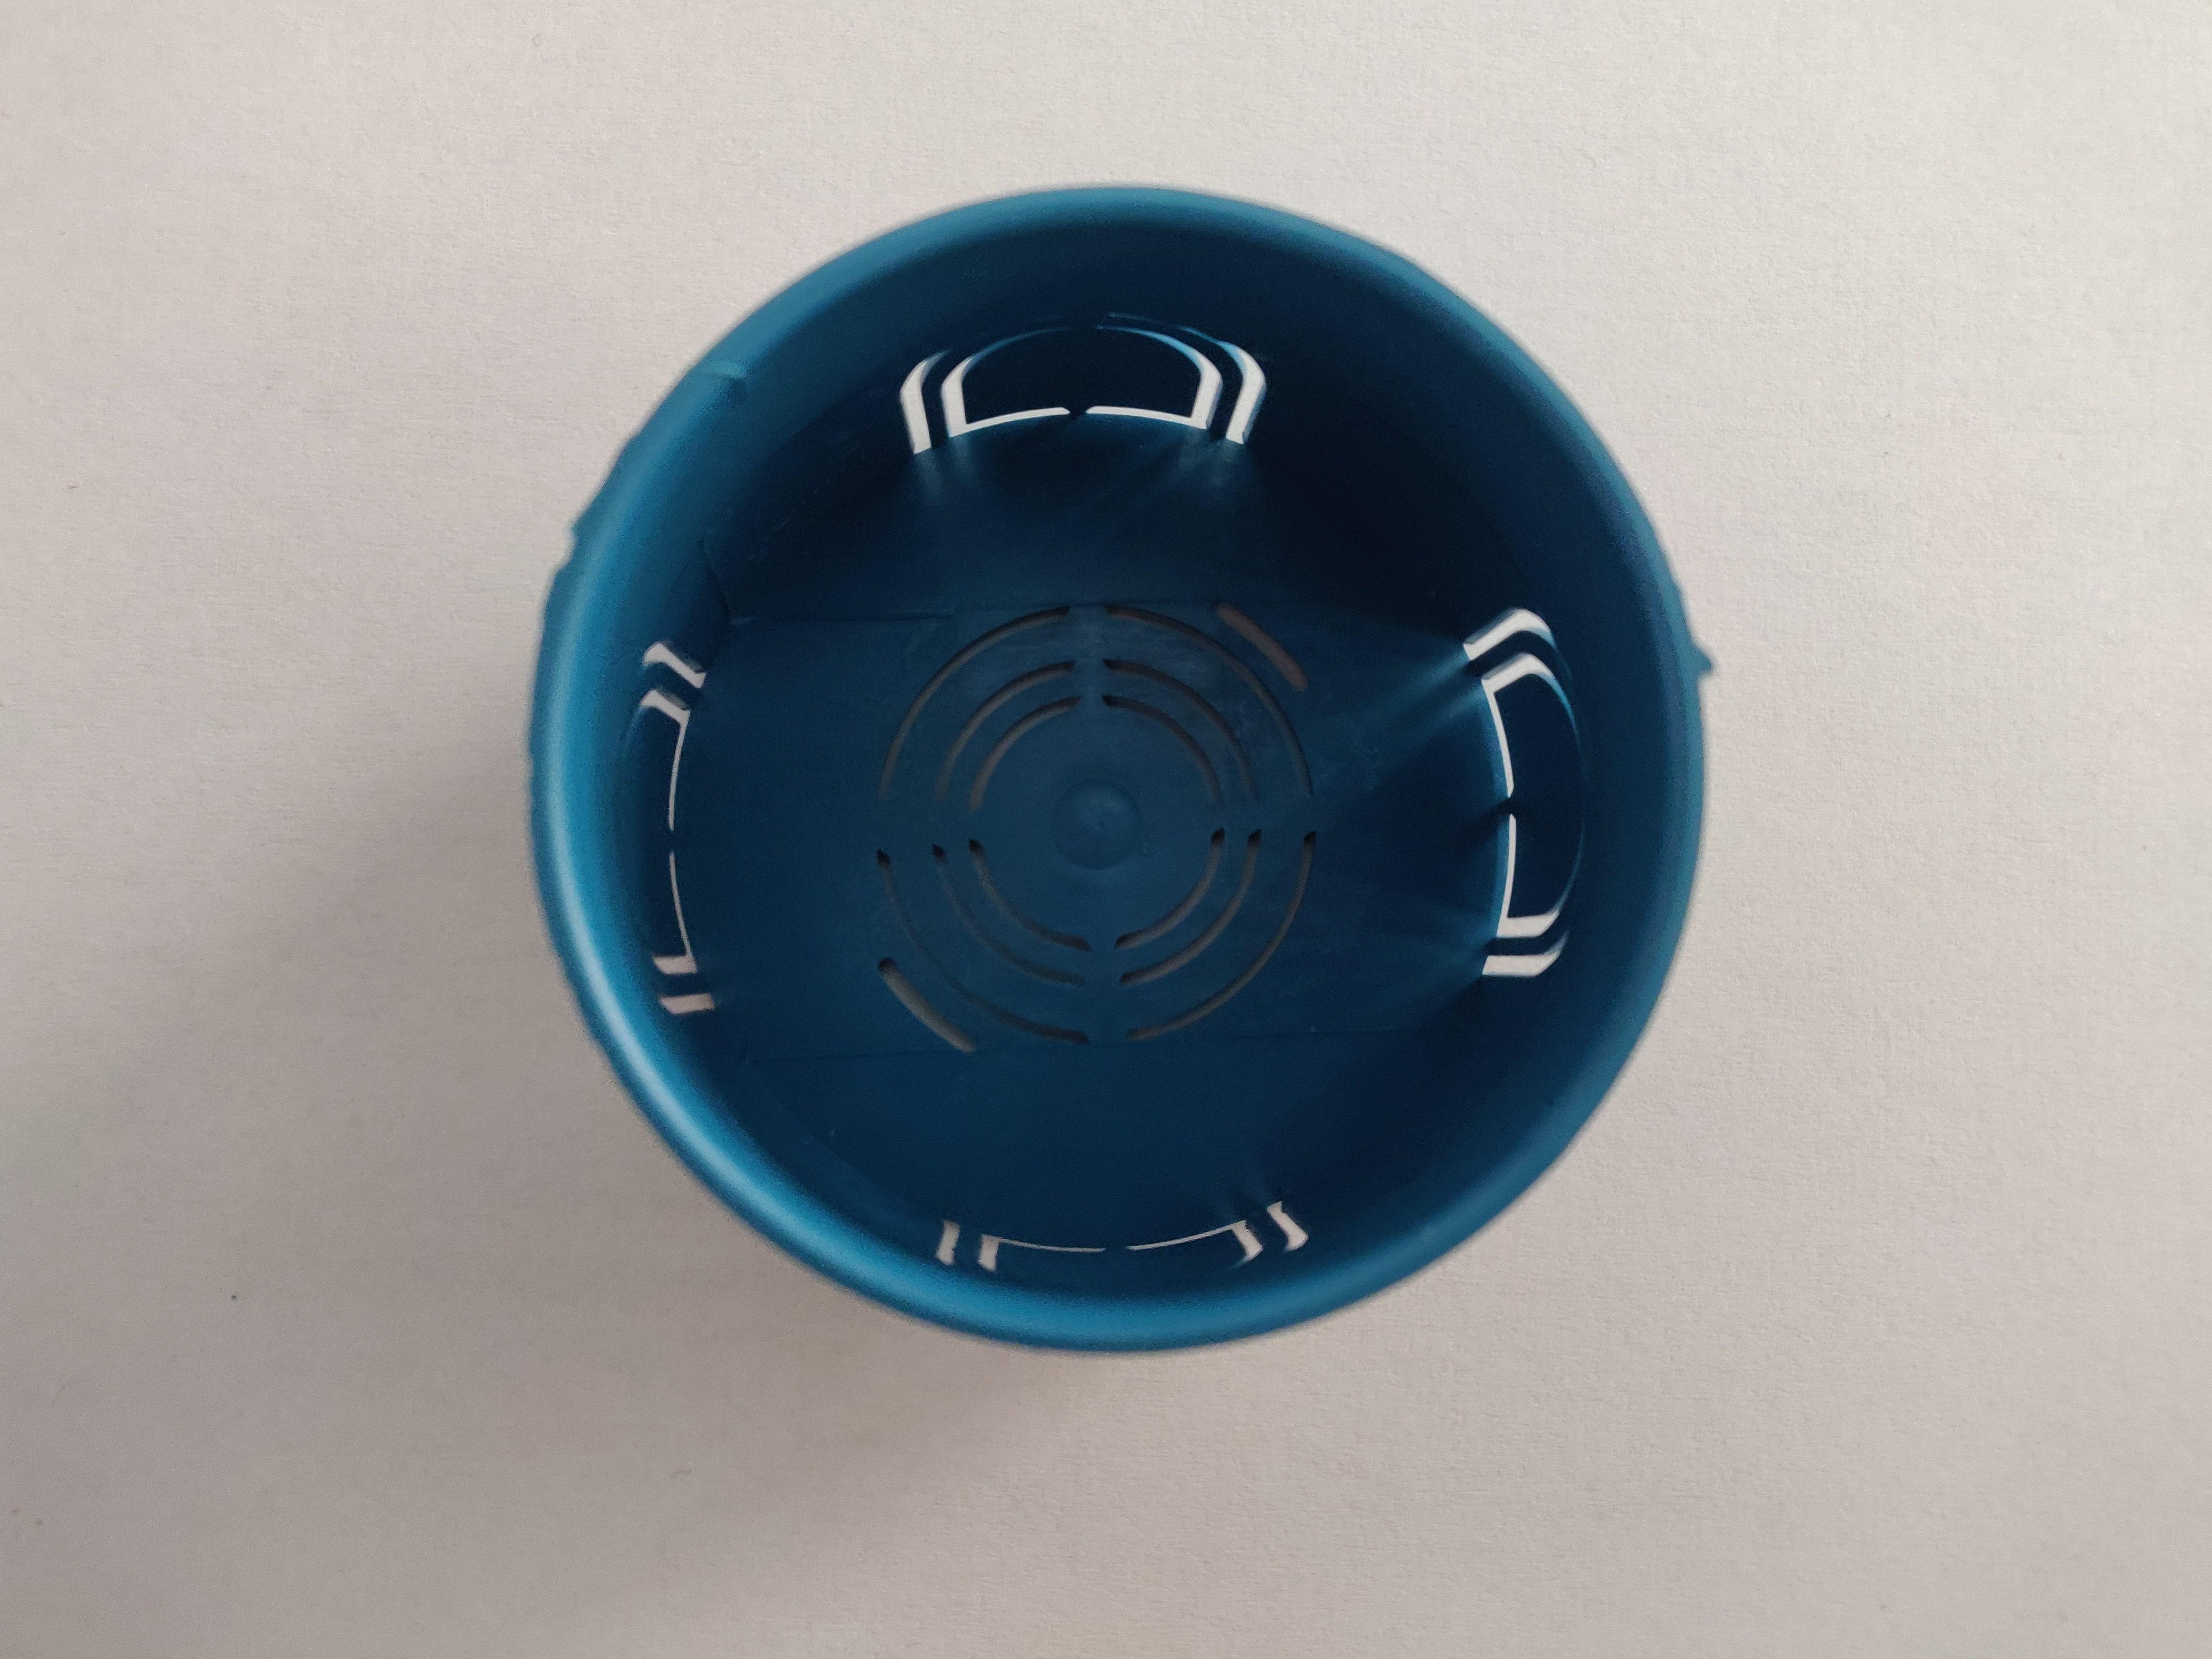 scatola derivazione incasso vimar v71001 blu acquistare online